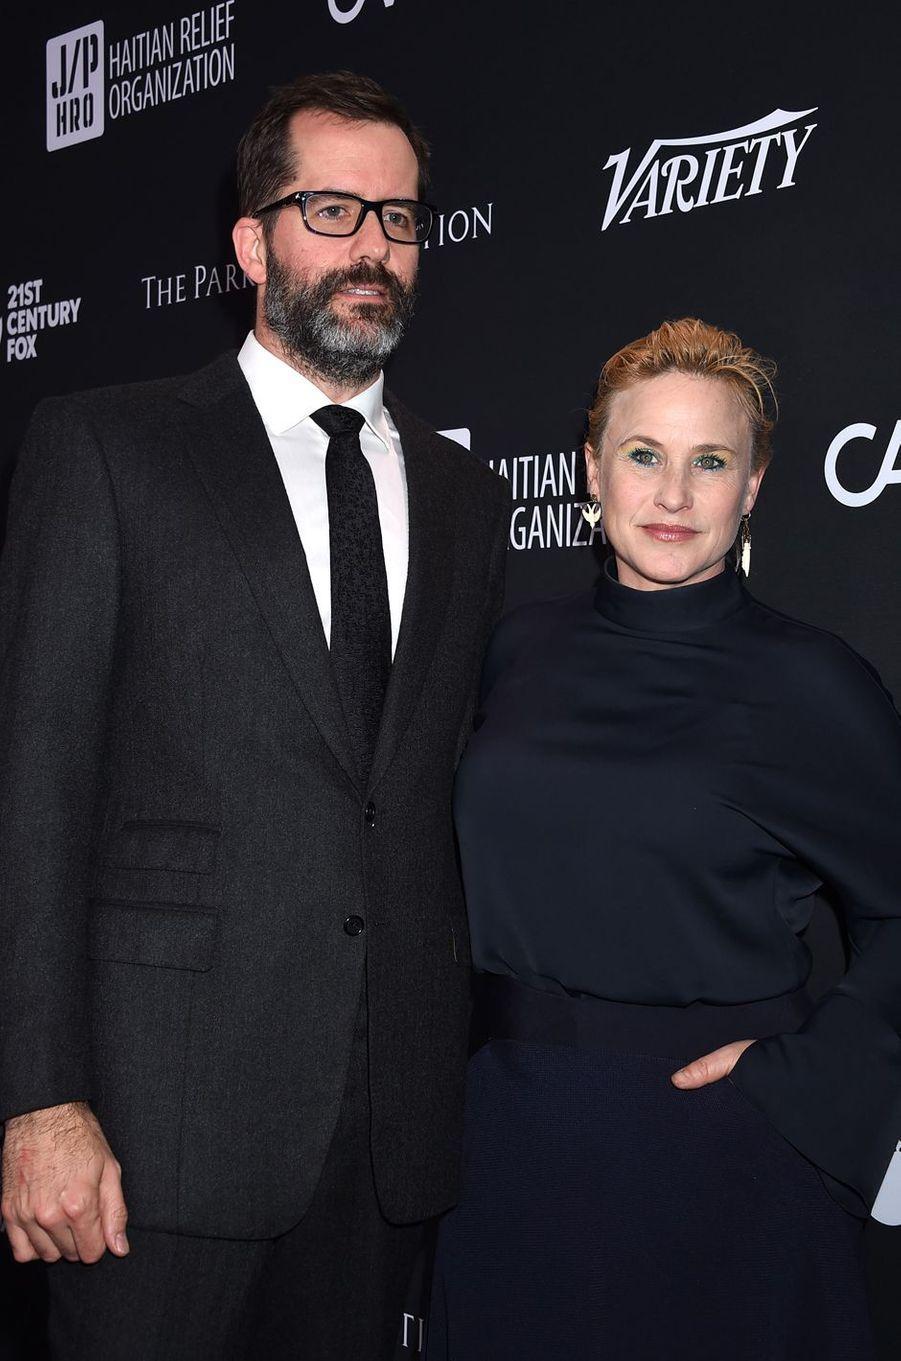 Patricia Arquette et son mariau gala de la J/P Haitian Relief Organization, la fondation de Sean Penn, à Beverly Hills, le 7 janvier 2017.